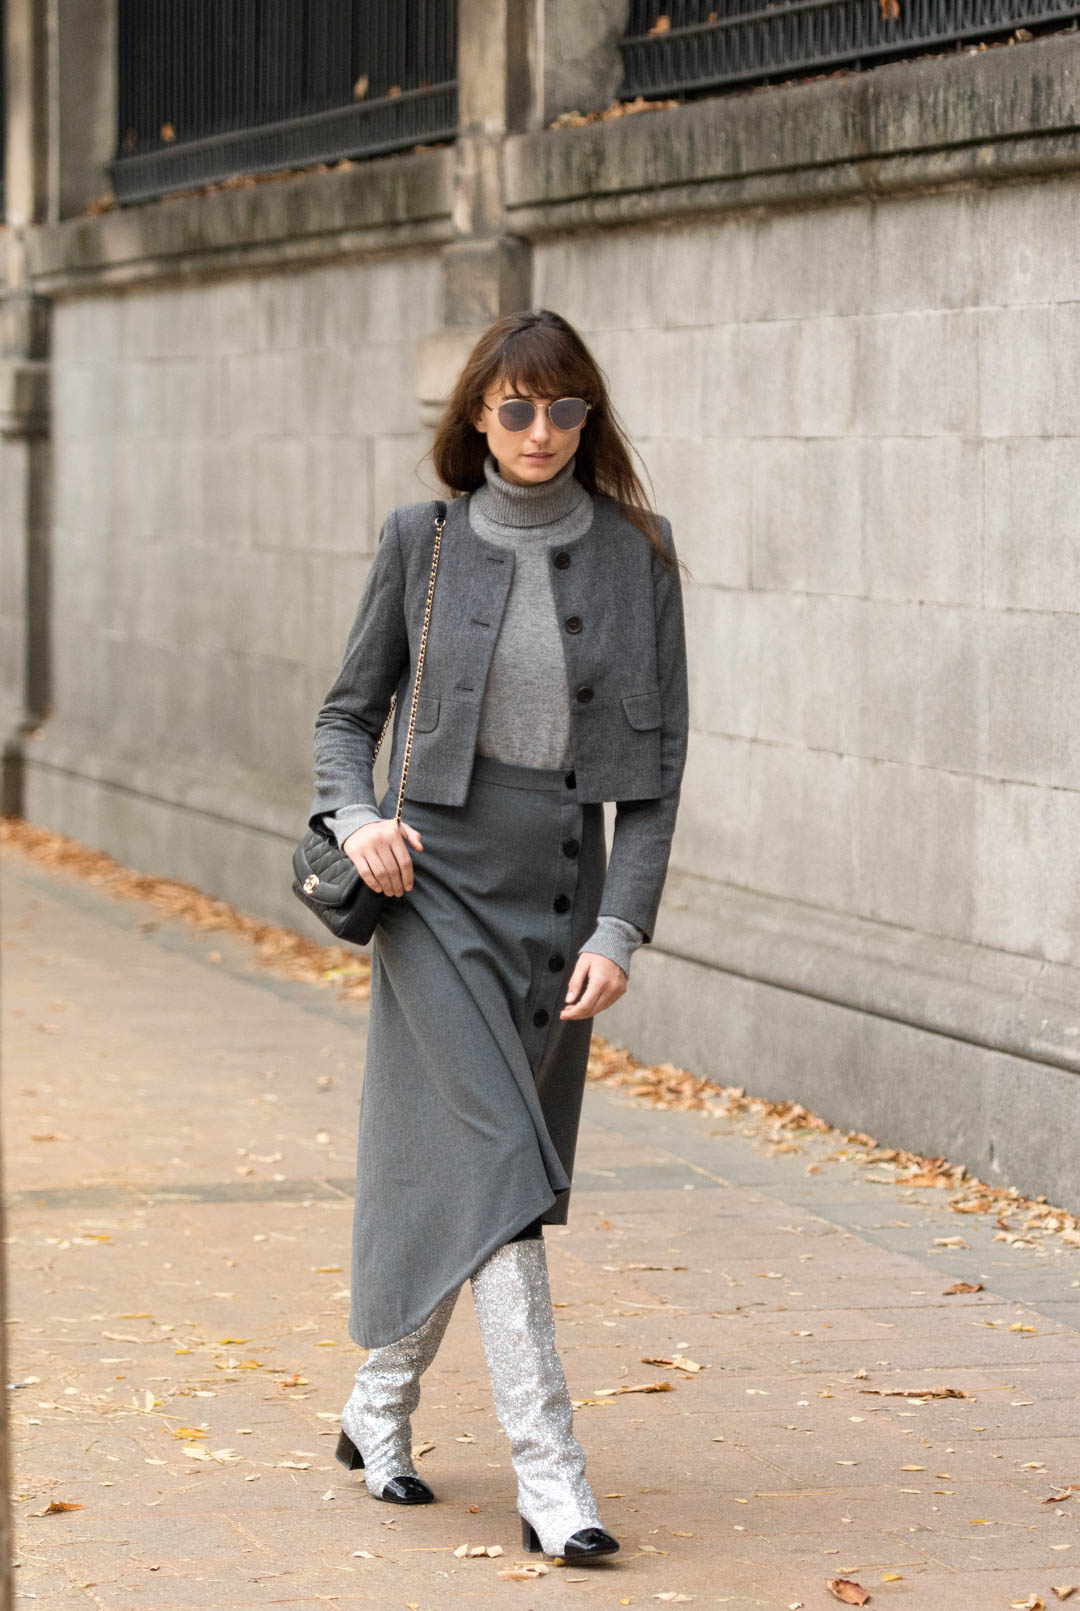 chanela-brillante-street-style-mitmeblog-web-02